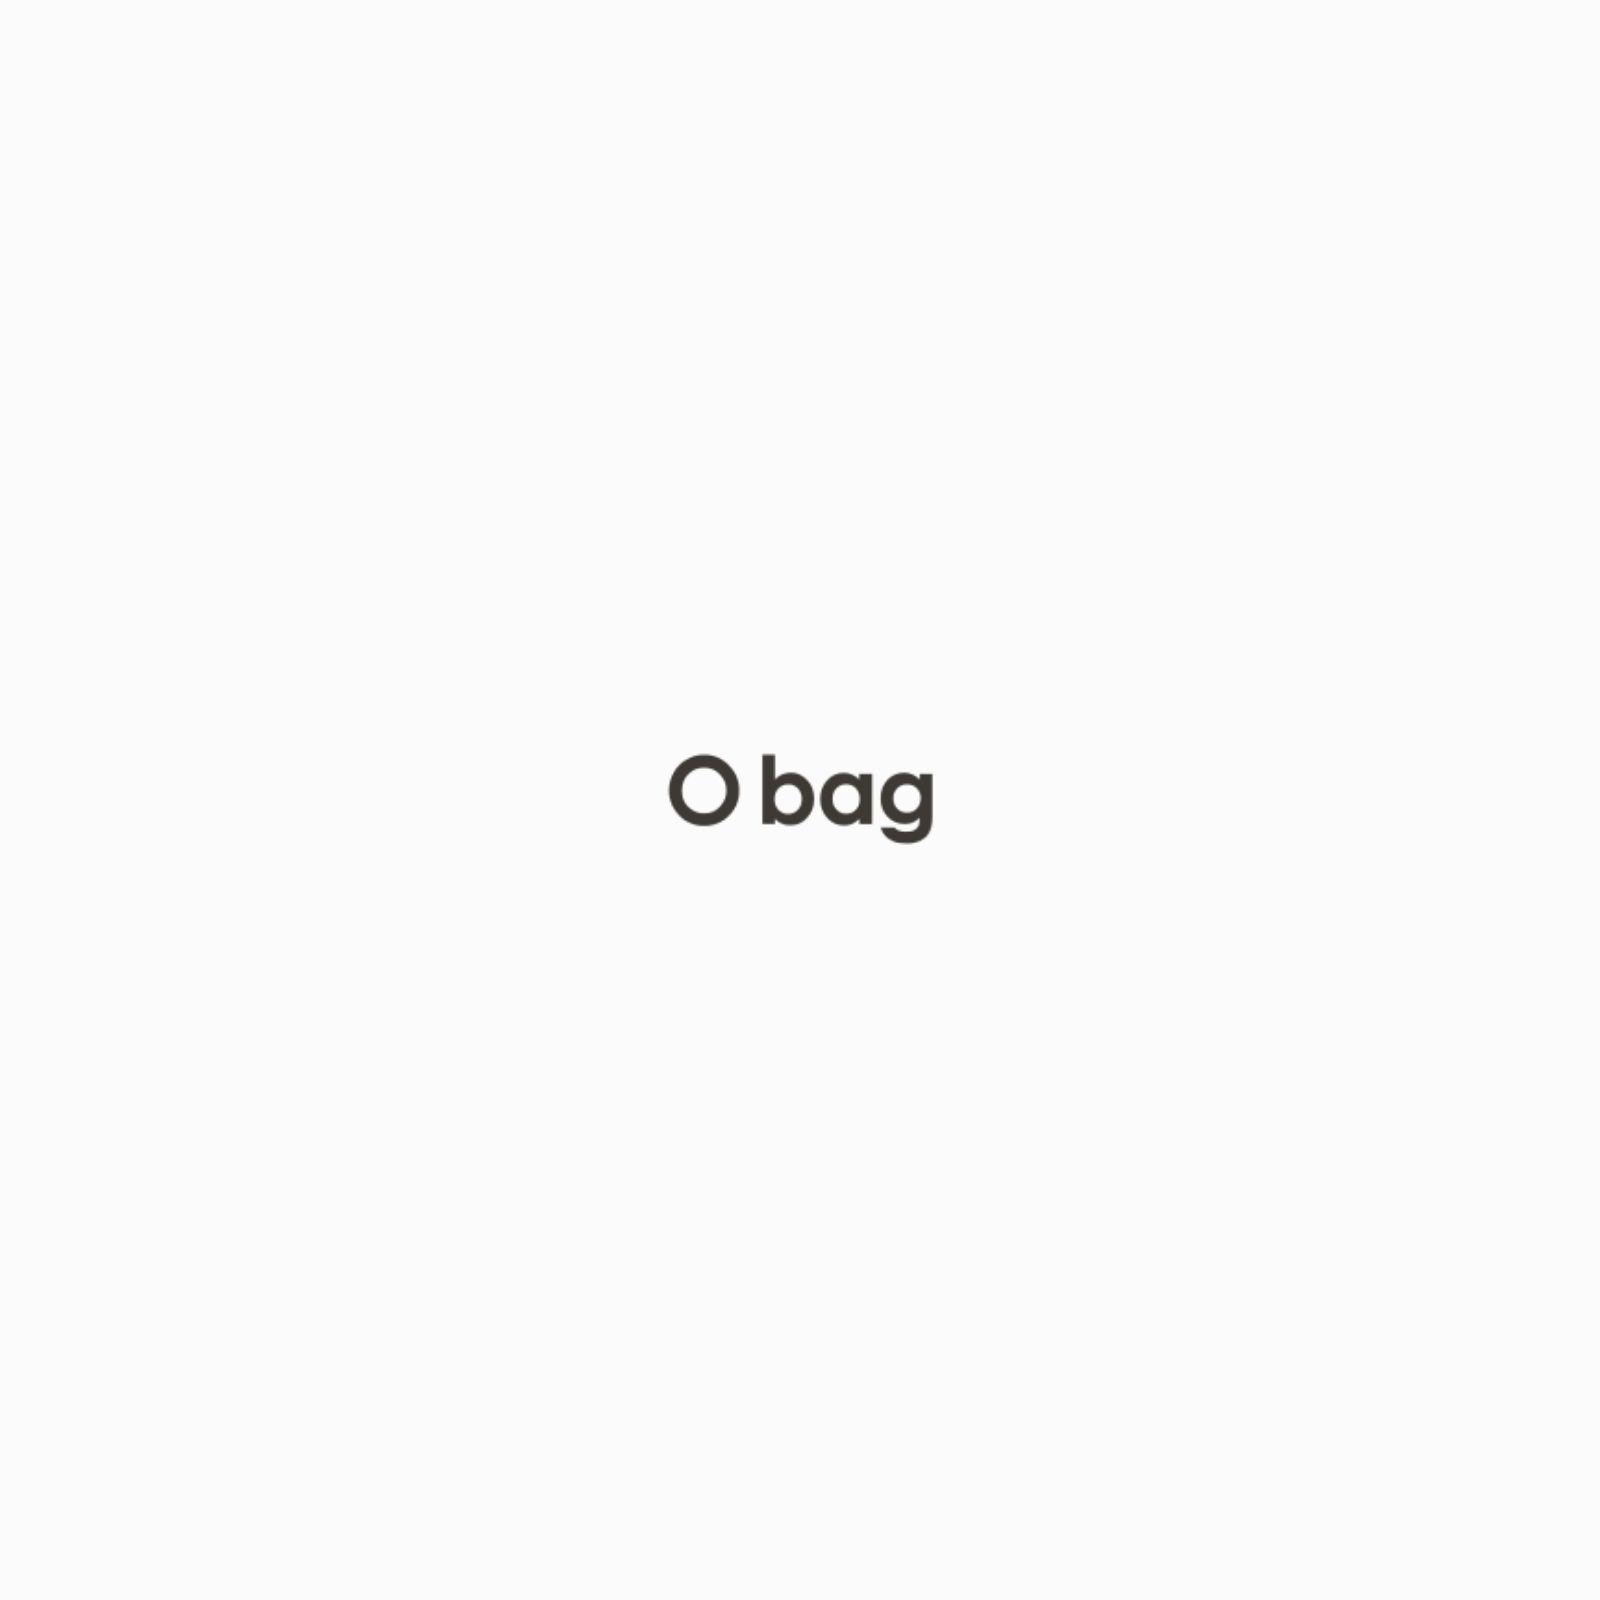 69b9f8e040 O bag sacca interna knot a righe